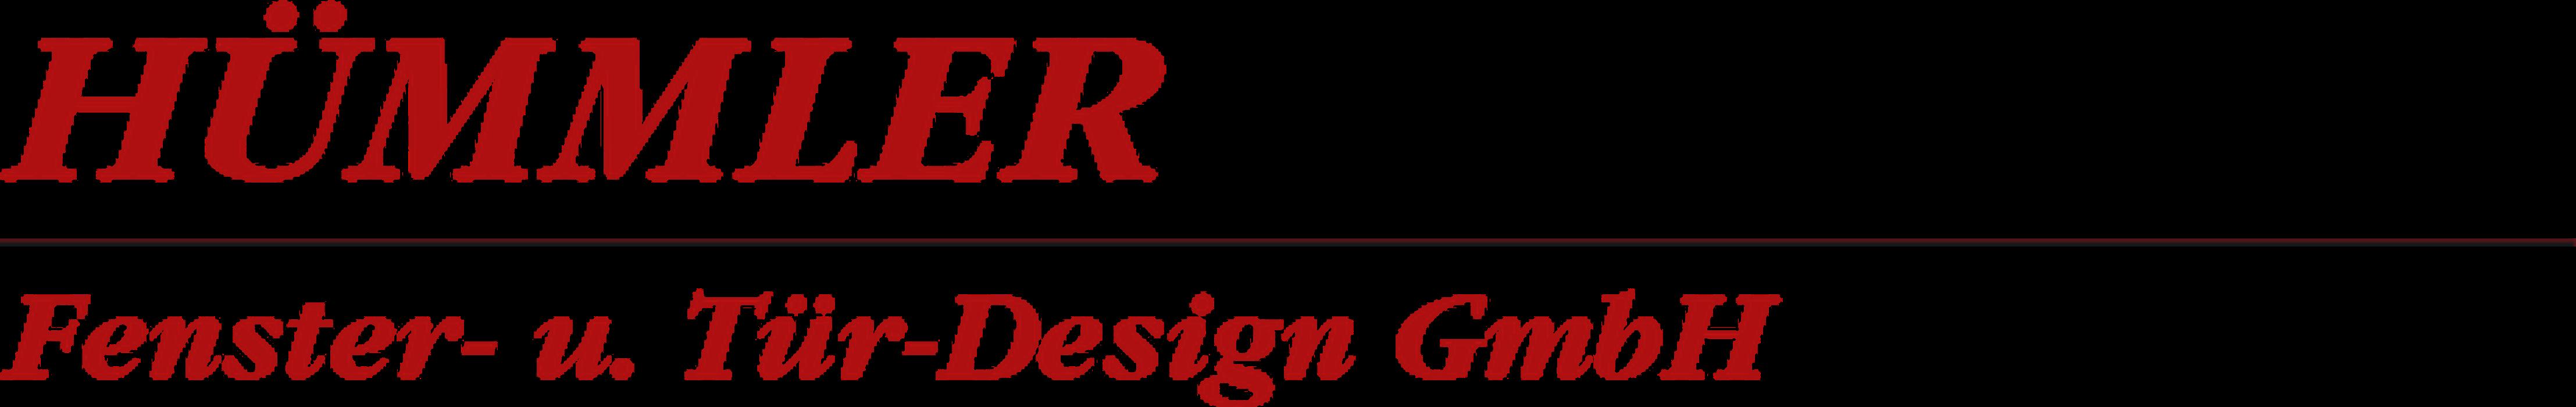 Bild zu Hümmler Fenster- u. Tür-Design GmbH in Nidderau in Hessen